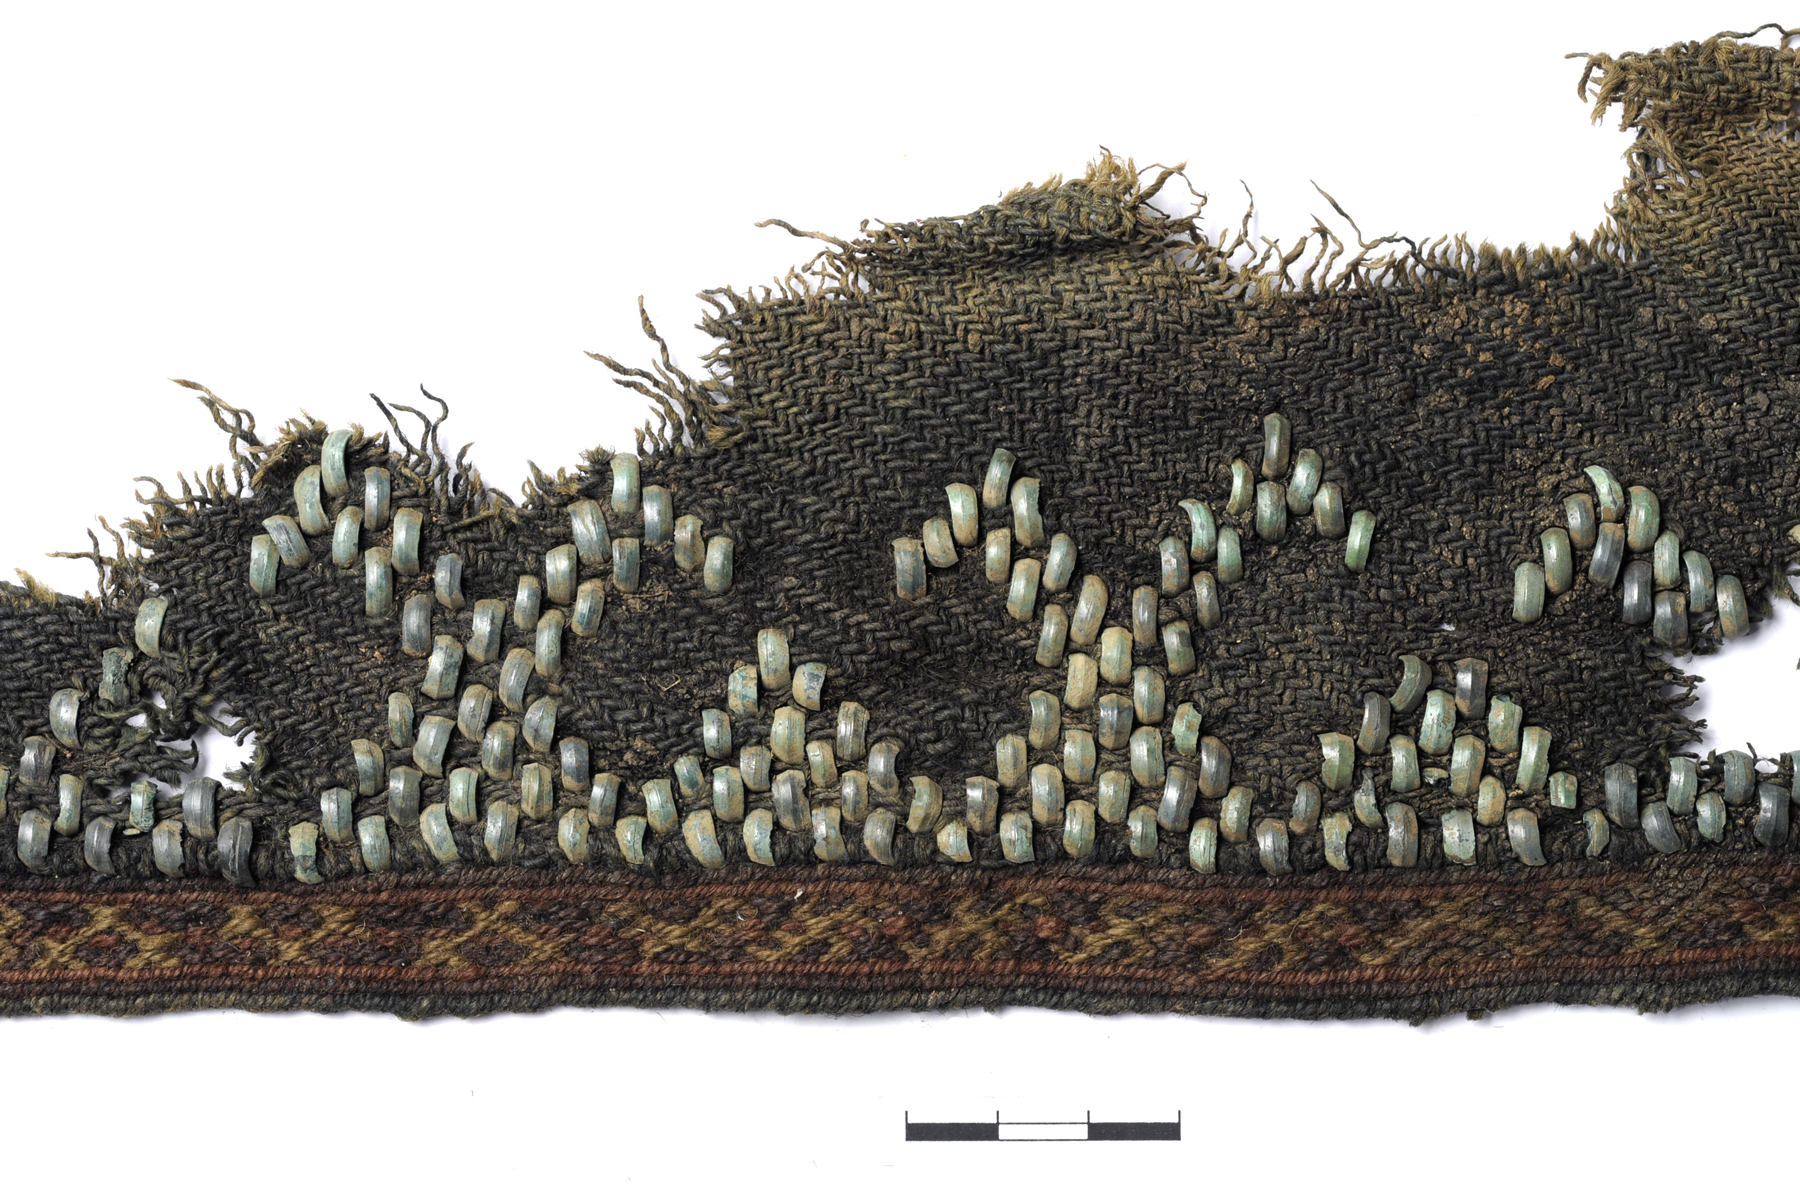 Vilnonės gaubiamosios skaros krašto fragmentas su vytine juosta ir įaustais bronziniais papuošimais, XIII-XIV a.   LNIM nuotr.